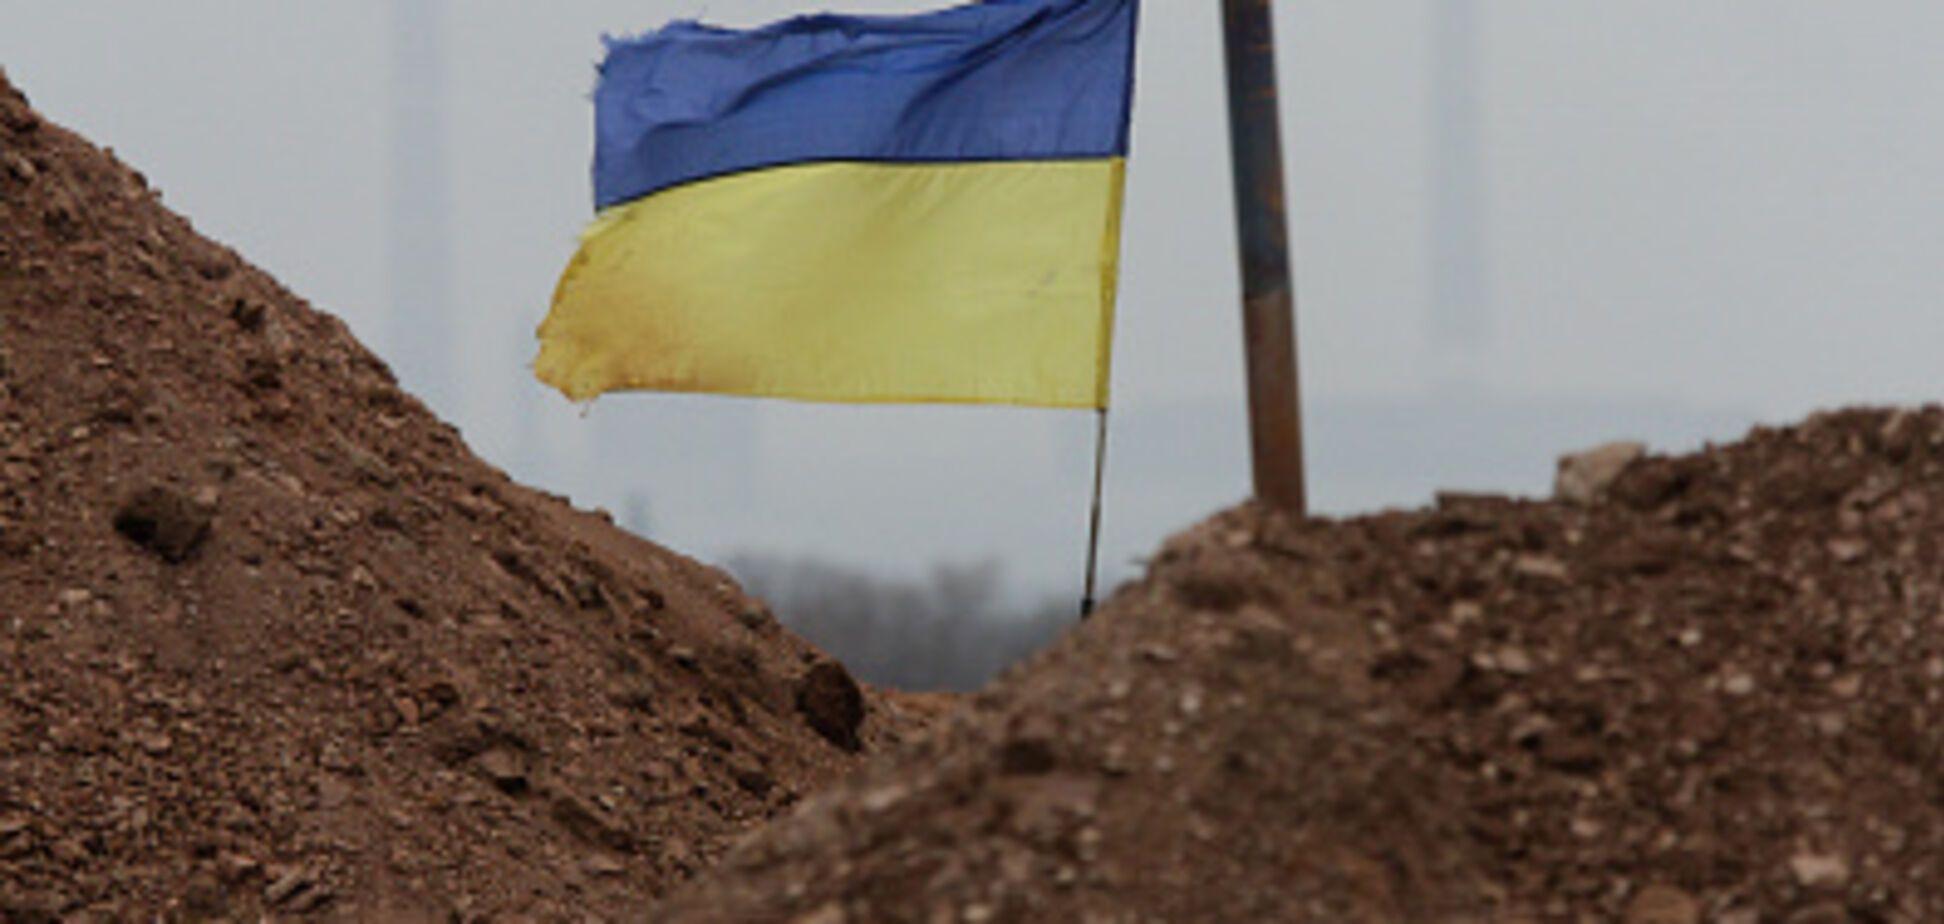 Третья сила помогает: террористам дали мощный отпор на Донбассе